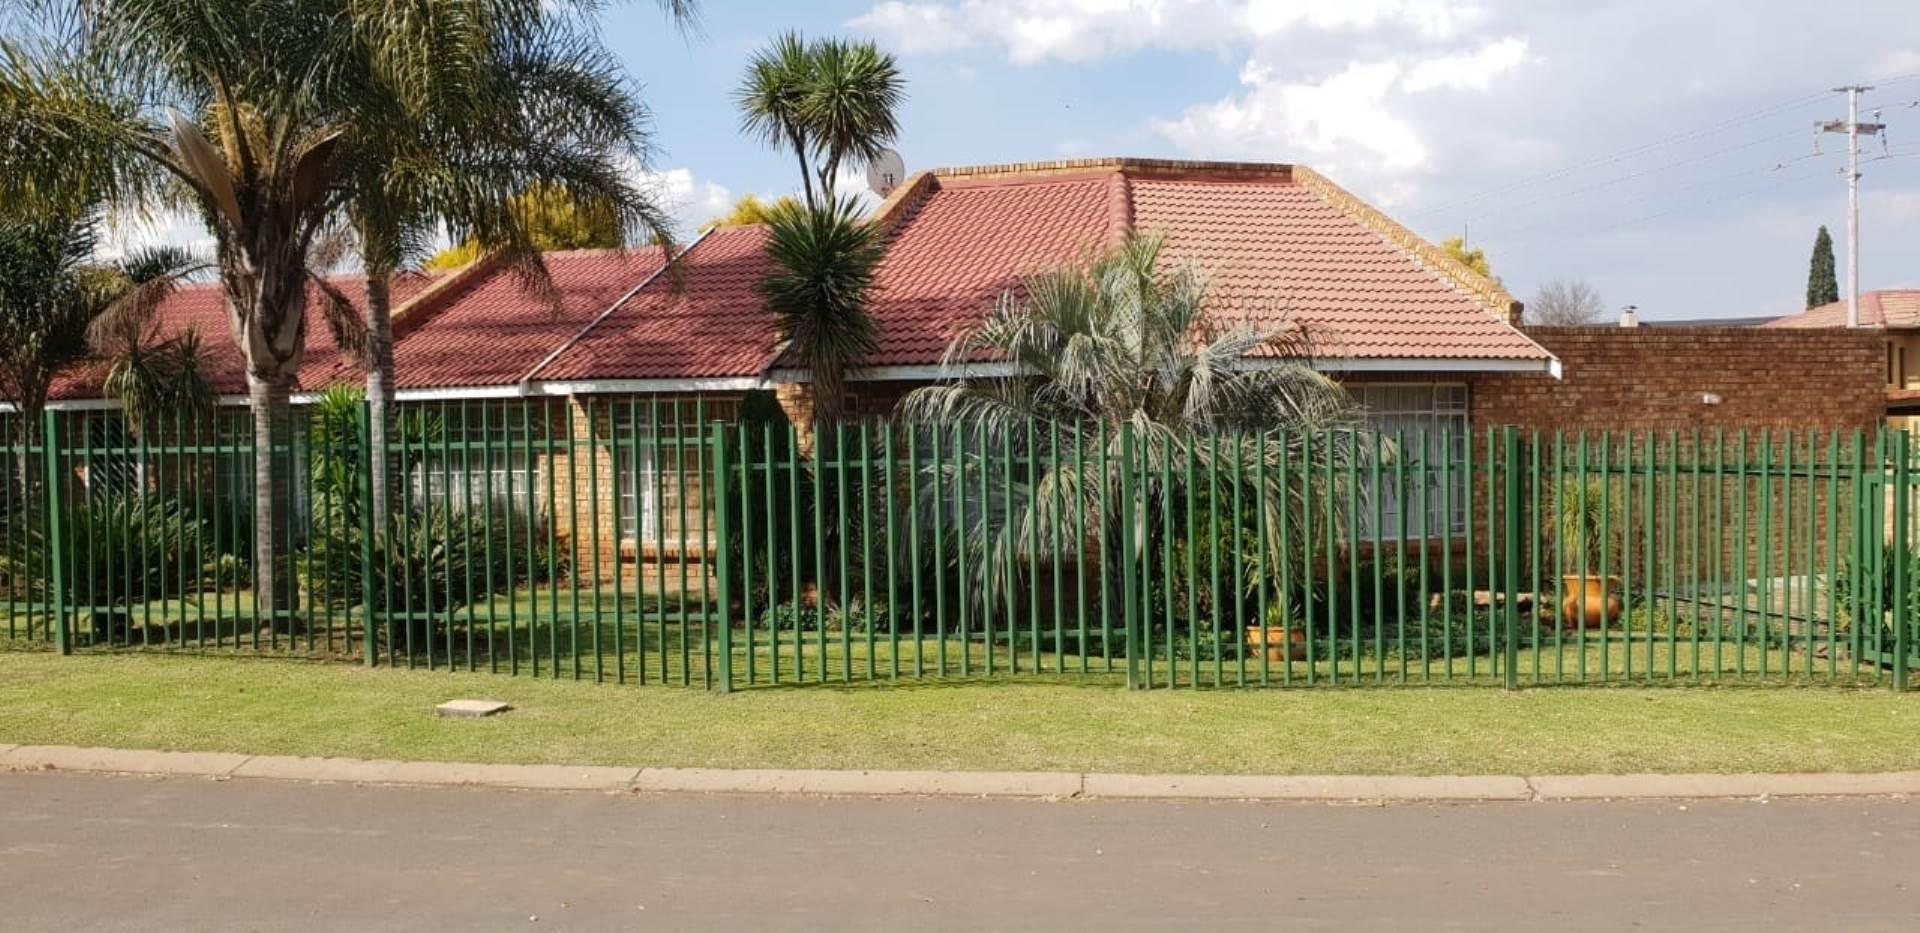 3 BedroomHouse To Rent In Dersley